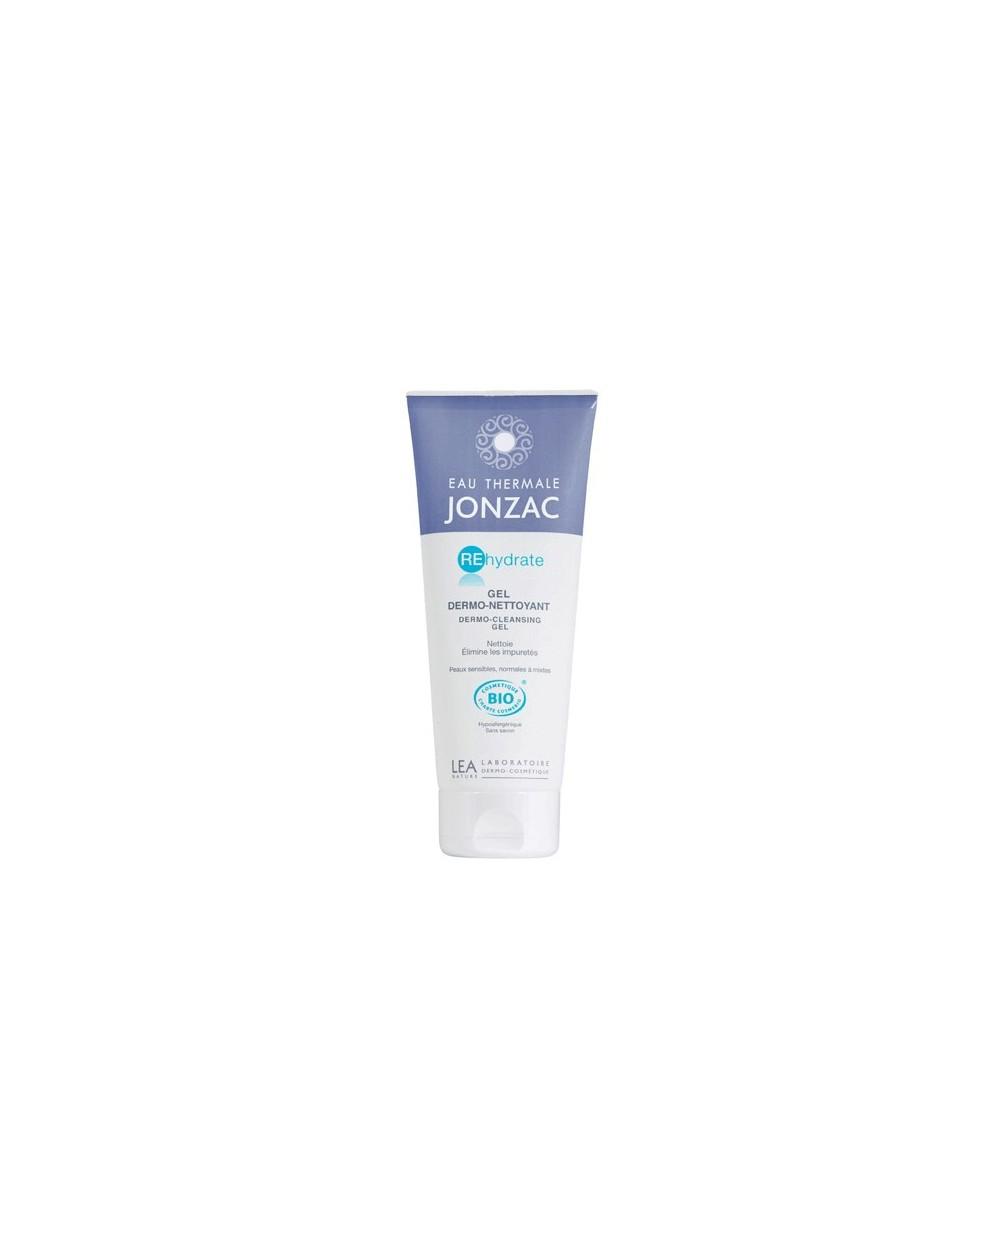 Eau Thermale Jonzac - REHYDRATE - Gel dermo-detergente reidratante